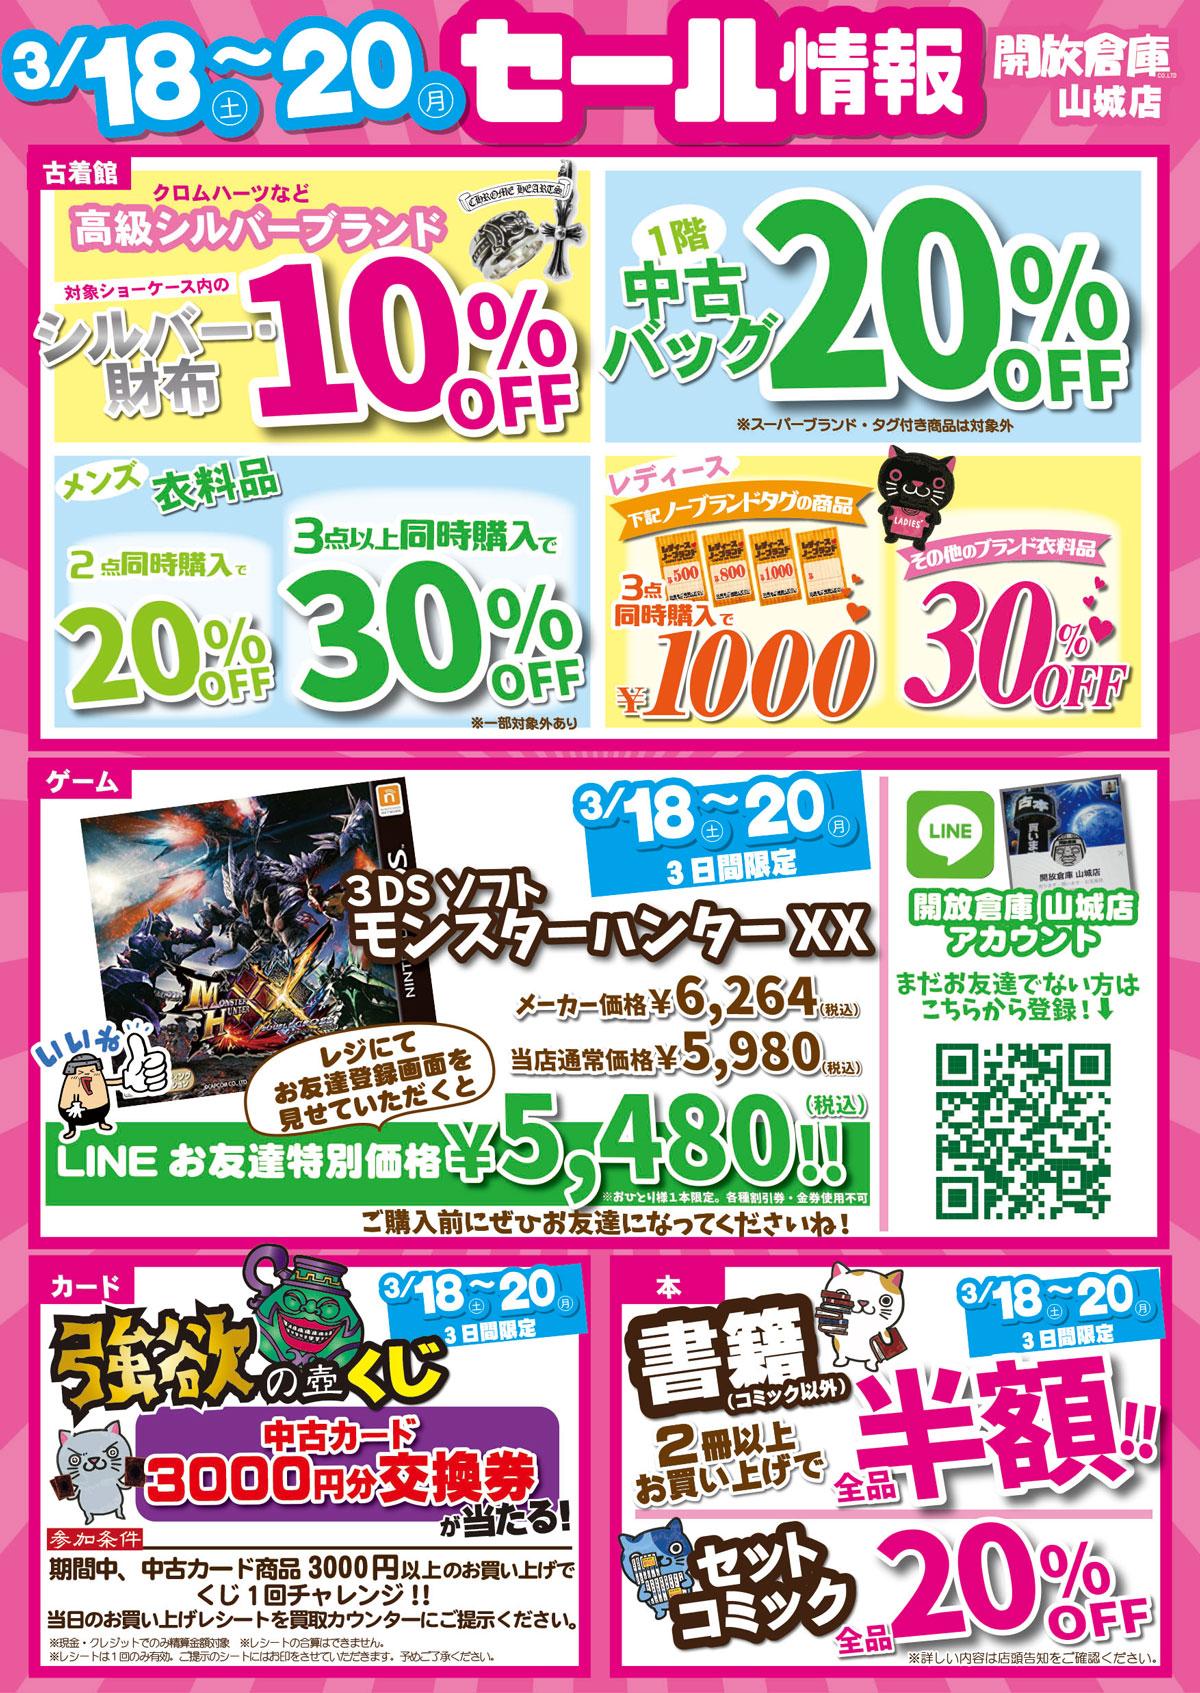 「開放倉庫山城店」2017年3月18~20日の3連休セール情報!!